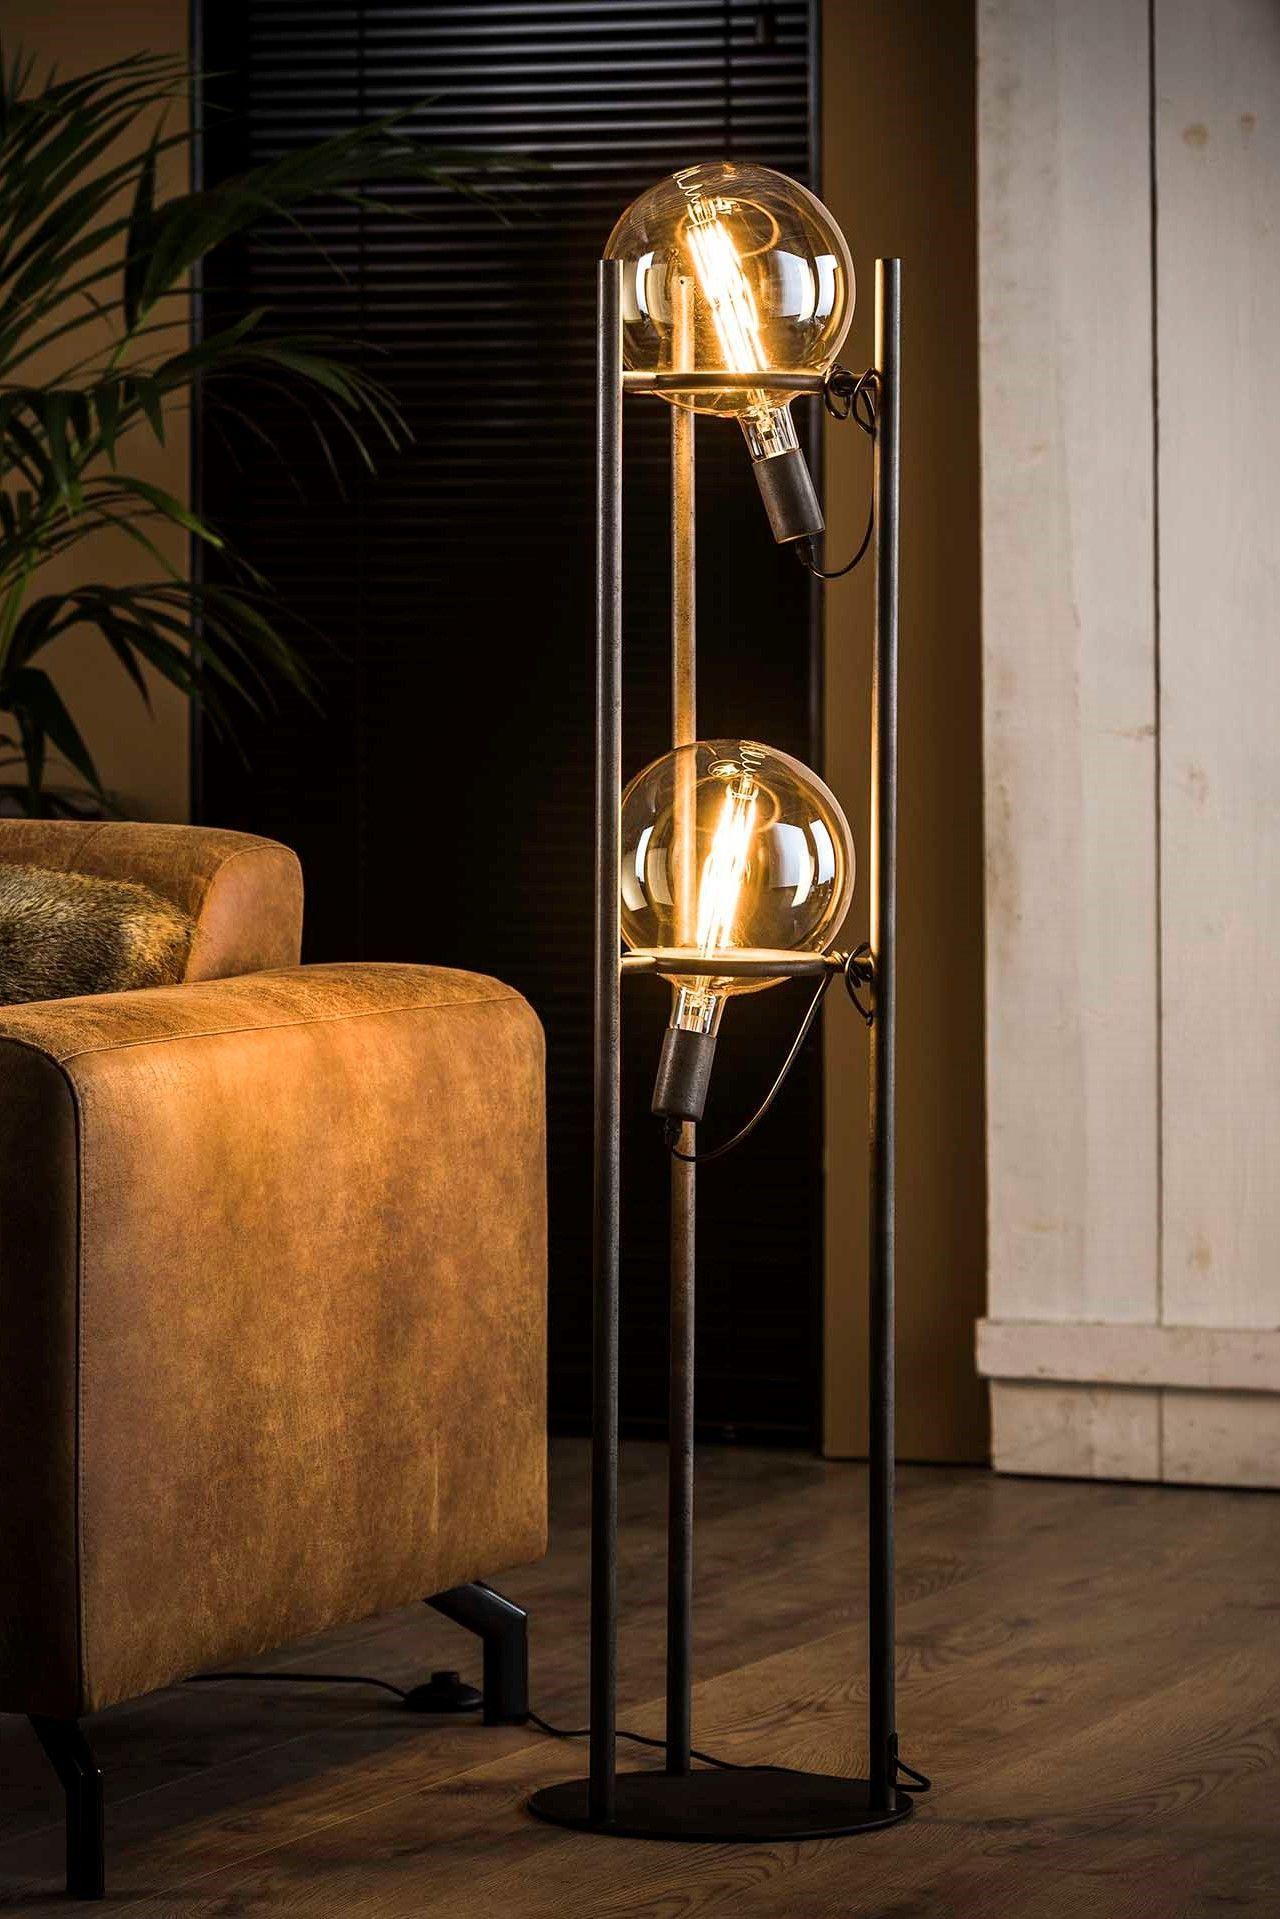 Stehlampe Saturn - My Blog in 6  Stehlampe wohnzimmer